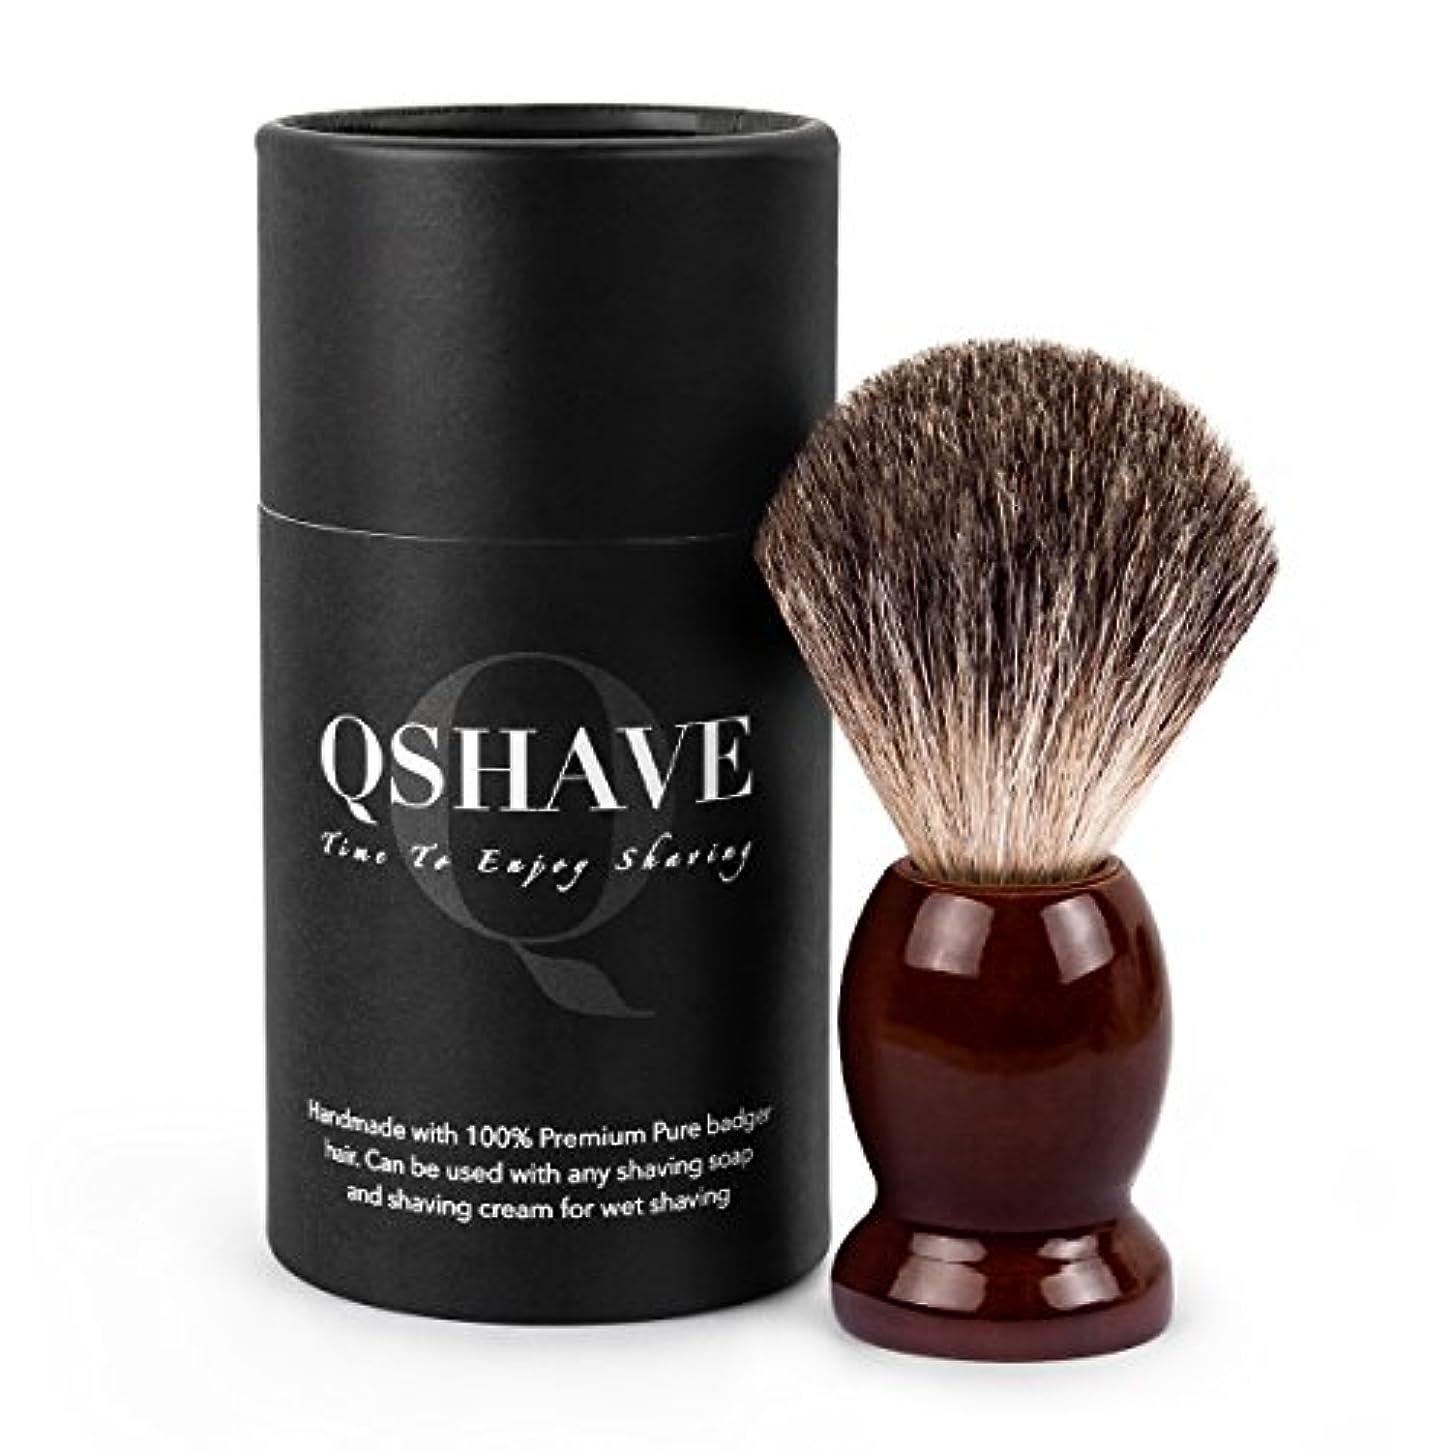 チャペルストリップブレンドQSHAVE 100%最高級アナグマ毛オリジナルハンドメイドシェービングブラシ。木製ベース。ウェットシェービング、安全カミソリ、両刃カミソリに最適